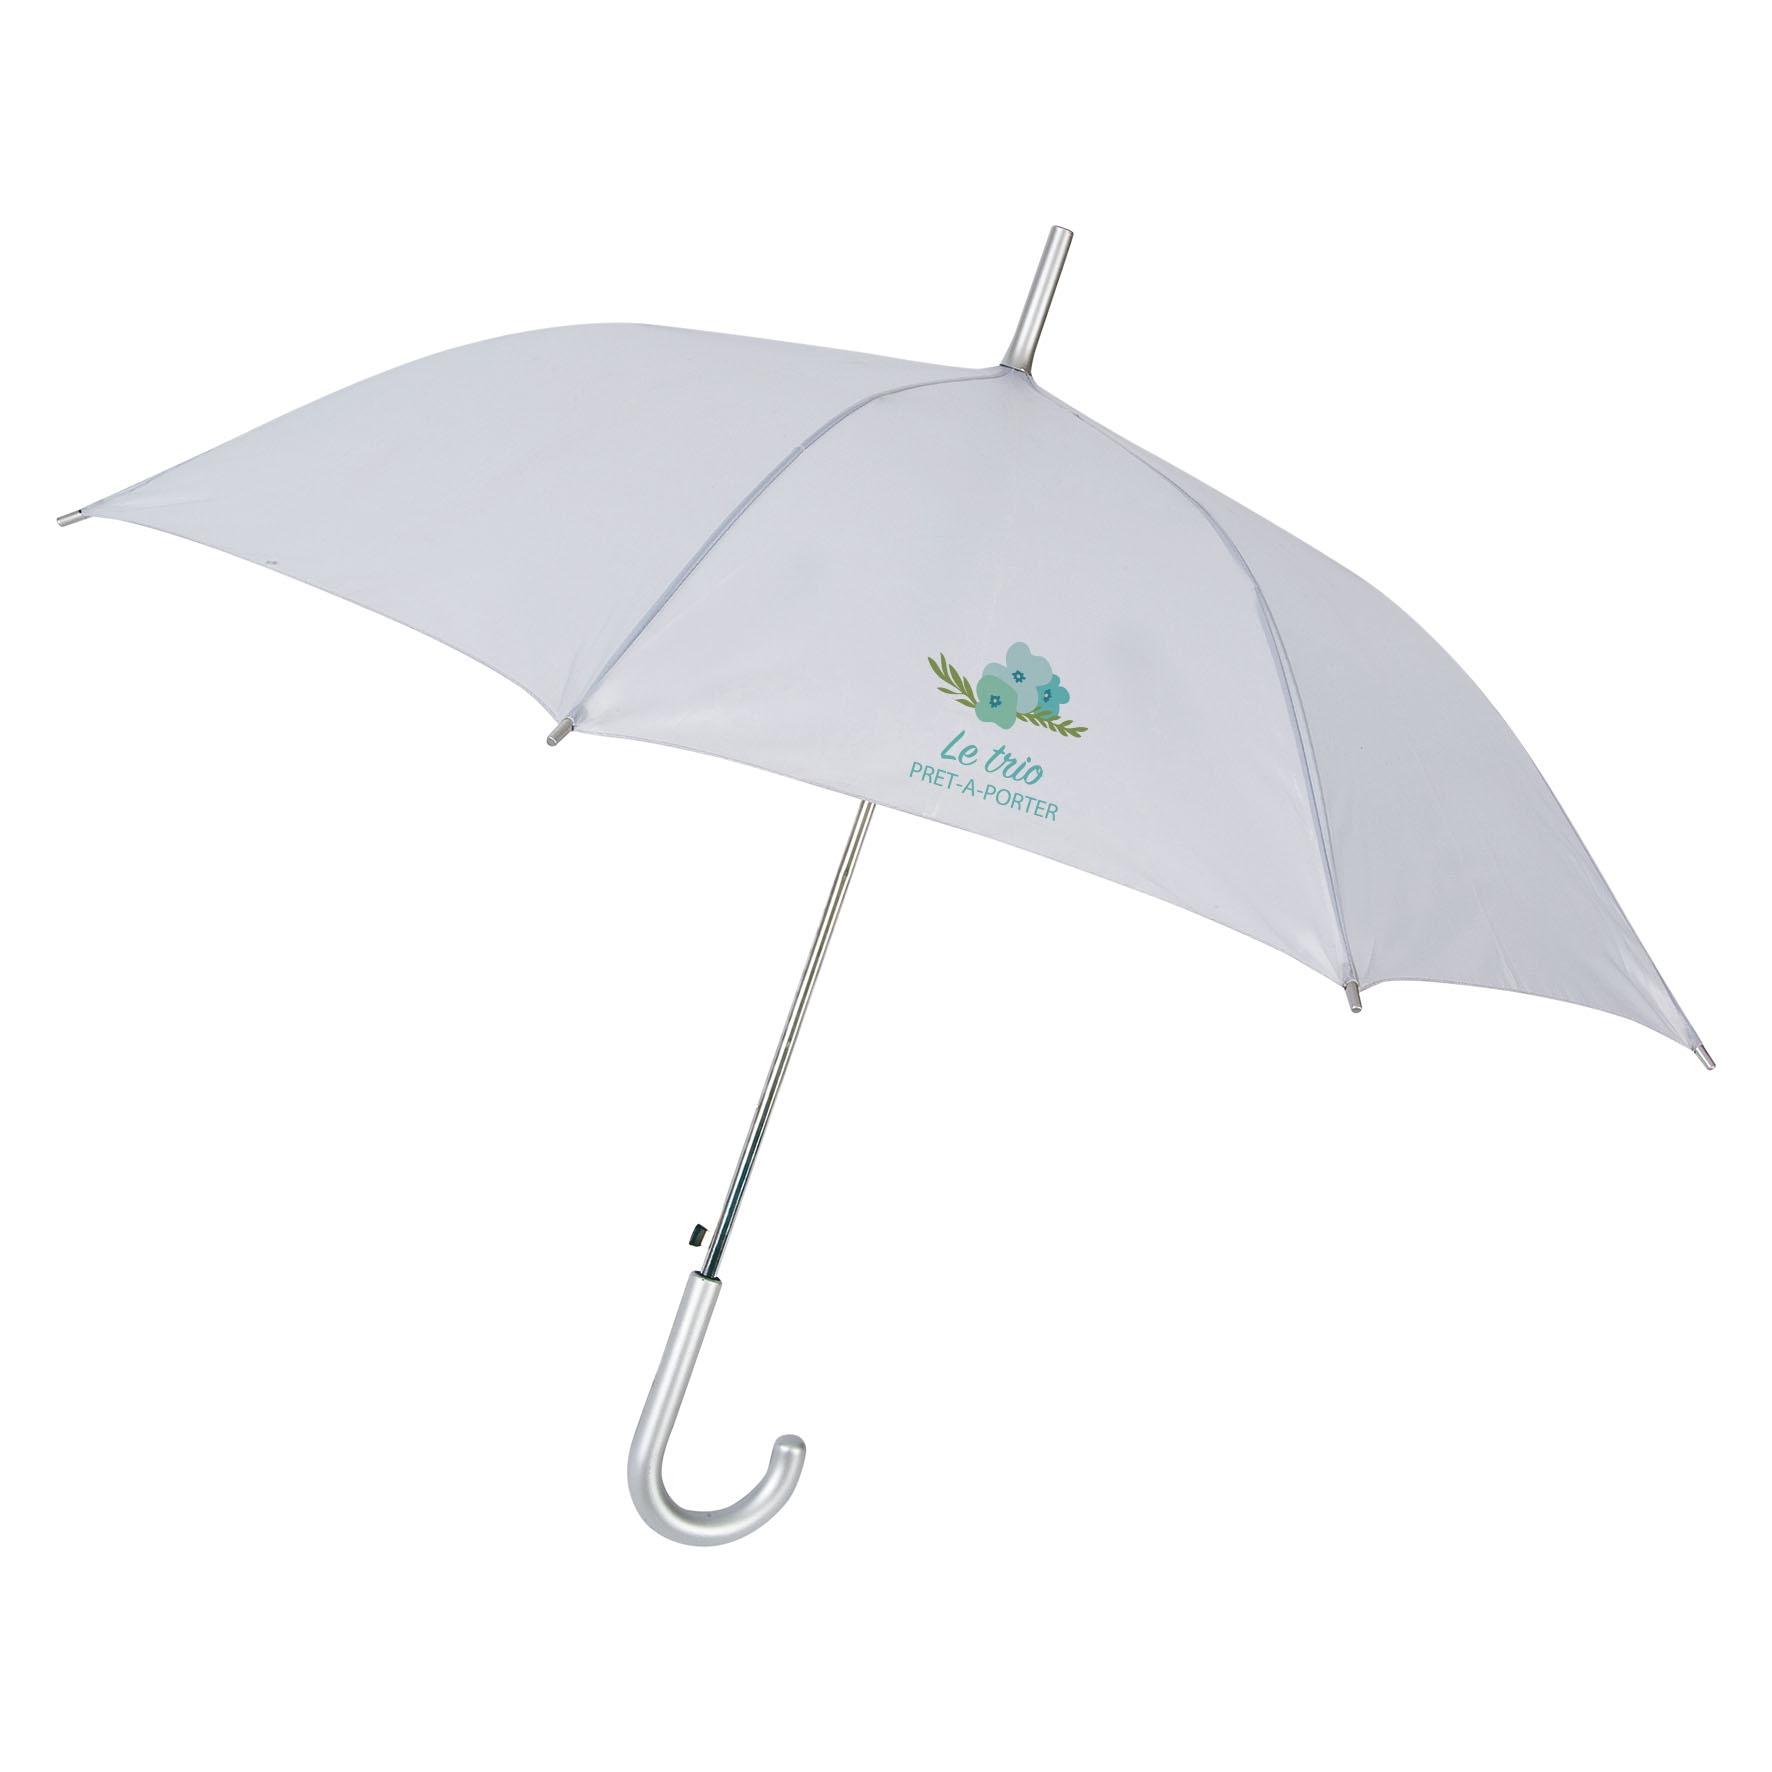 Parapluie publicitaire canne Glav - Parapluie personnalisable - rouge